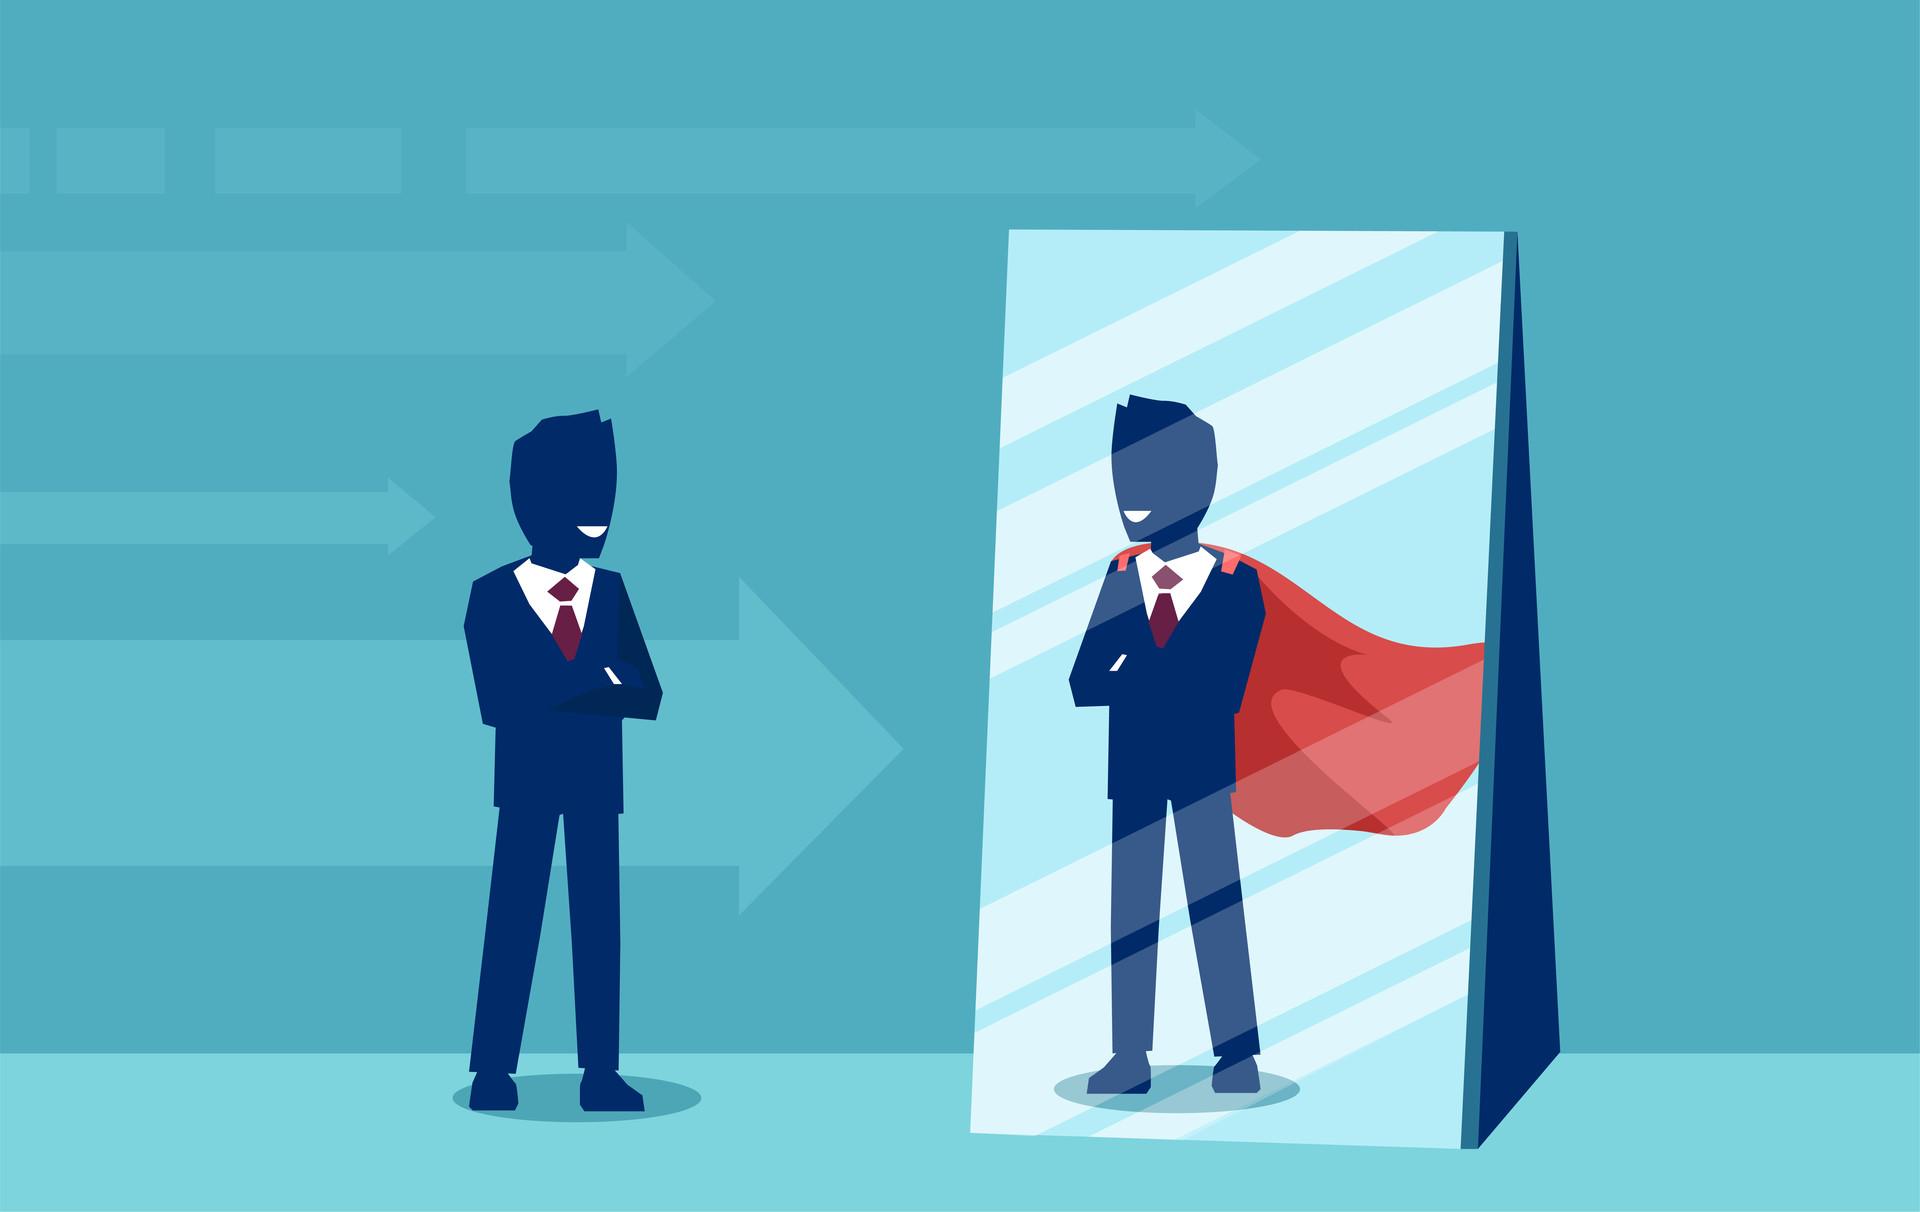 Máte problém před prezentací? Zkuste 7 cest ke zdravému sebevědomí